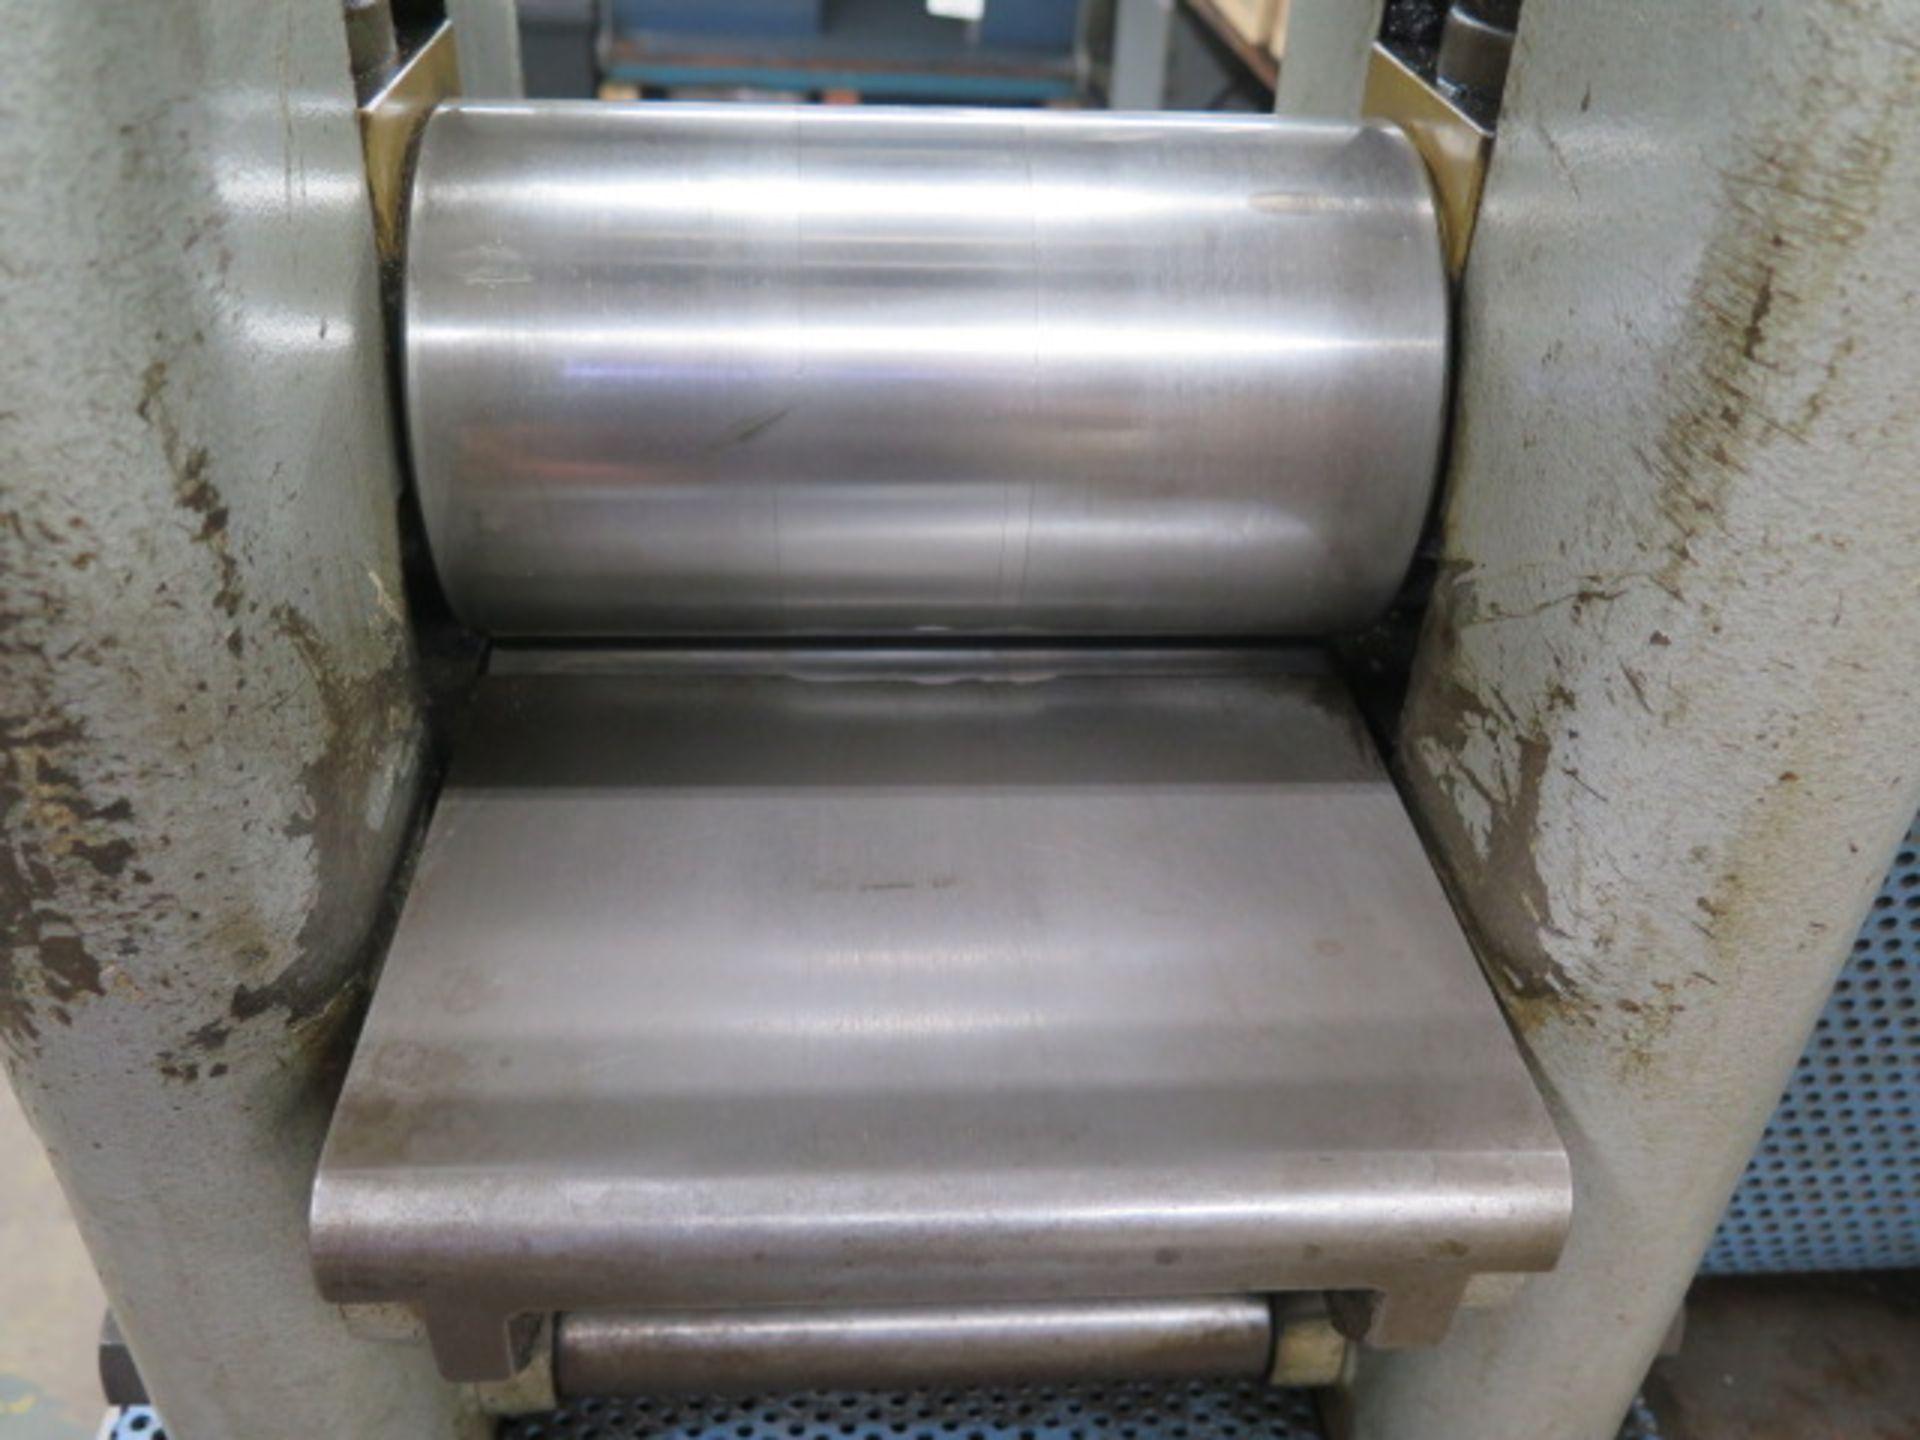 """F.LLi Cavallin mdl. MG20 8"""" Rolling Mill w/ Water Cooled Rolls - Image 5 of 9"""